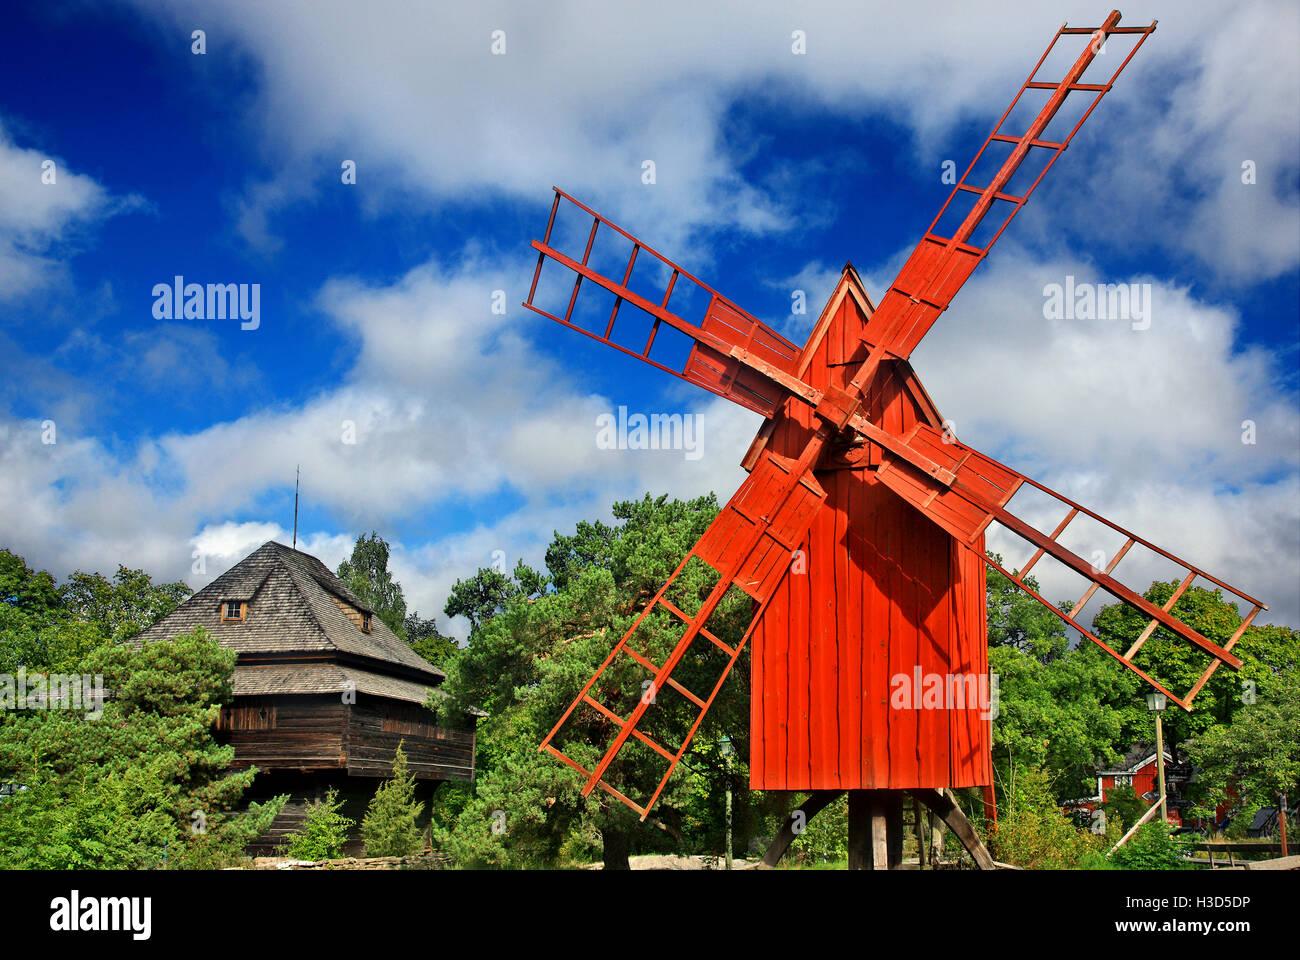 Schöne alte Windmühle in Skansen Freilichtmuseum, Insel Djurgarden, Stockholm, Schweden Stockbild